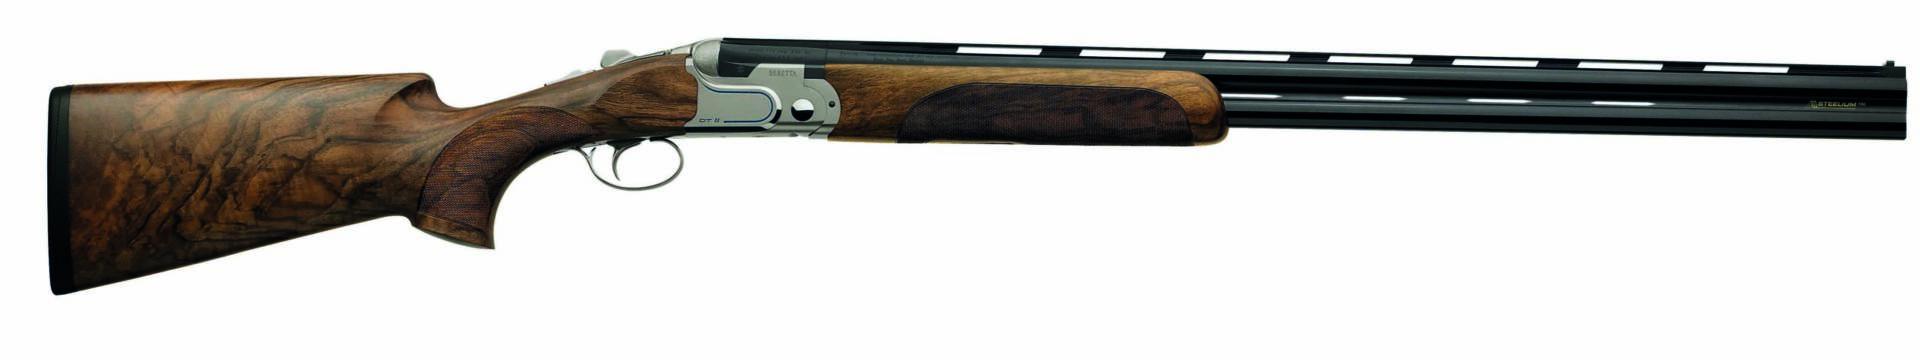 Información relativa a los Cañones Beretta Stelium Pro del modelo DT11